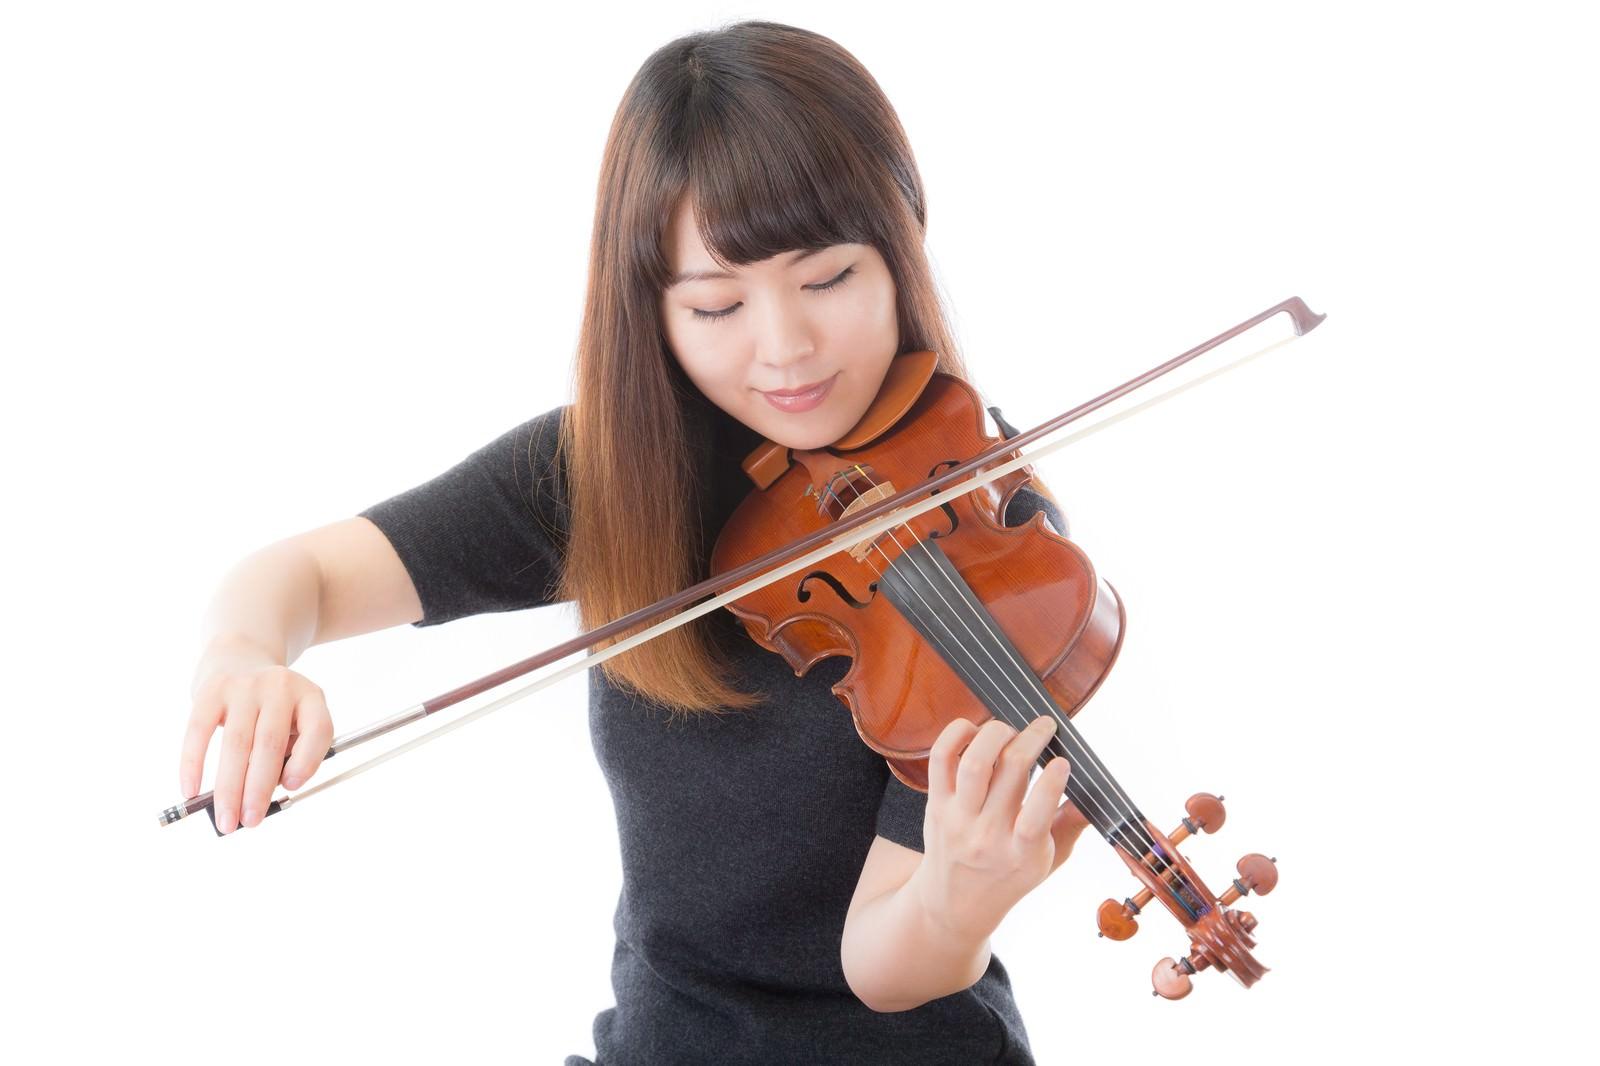 「優雅にヴァイオリンを弾く女性優雅にヴァイオリンを弾く女性」[モデル:yukiko]のフリー写真素材を拡大